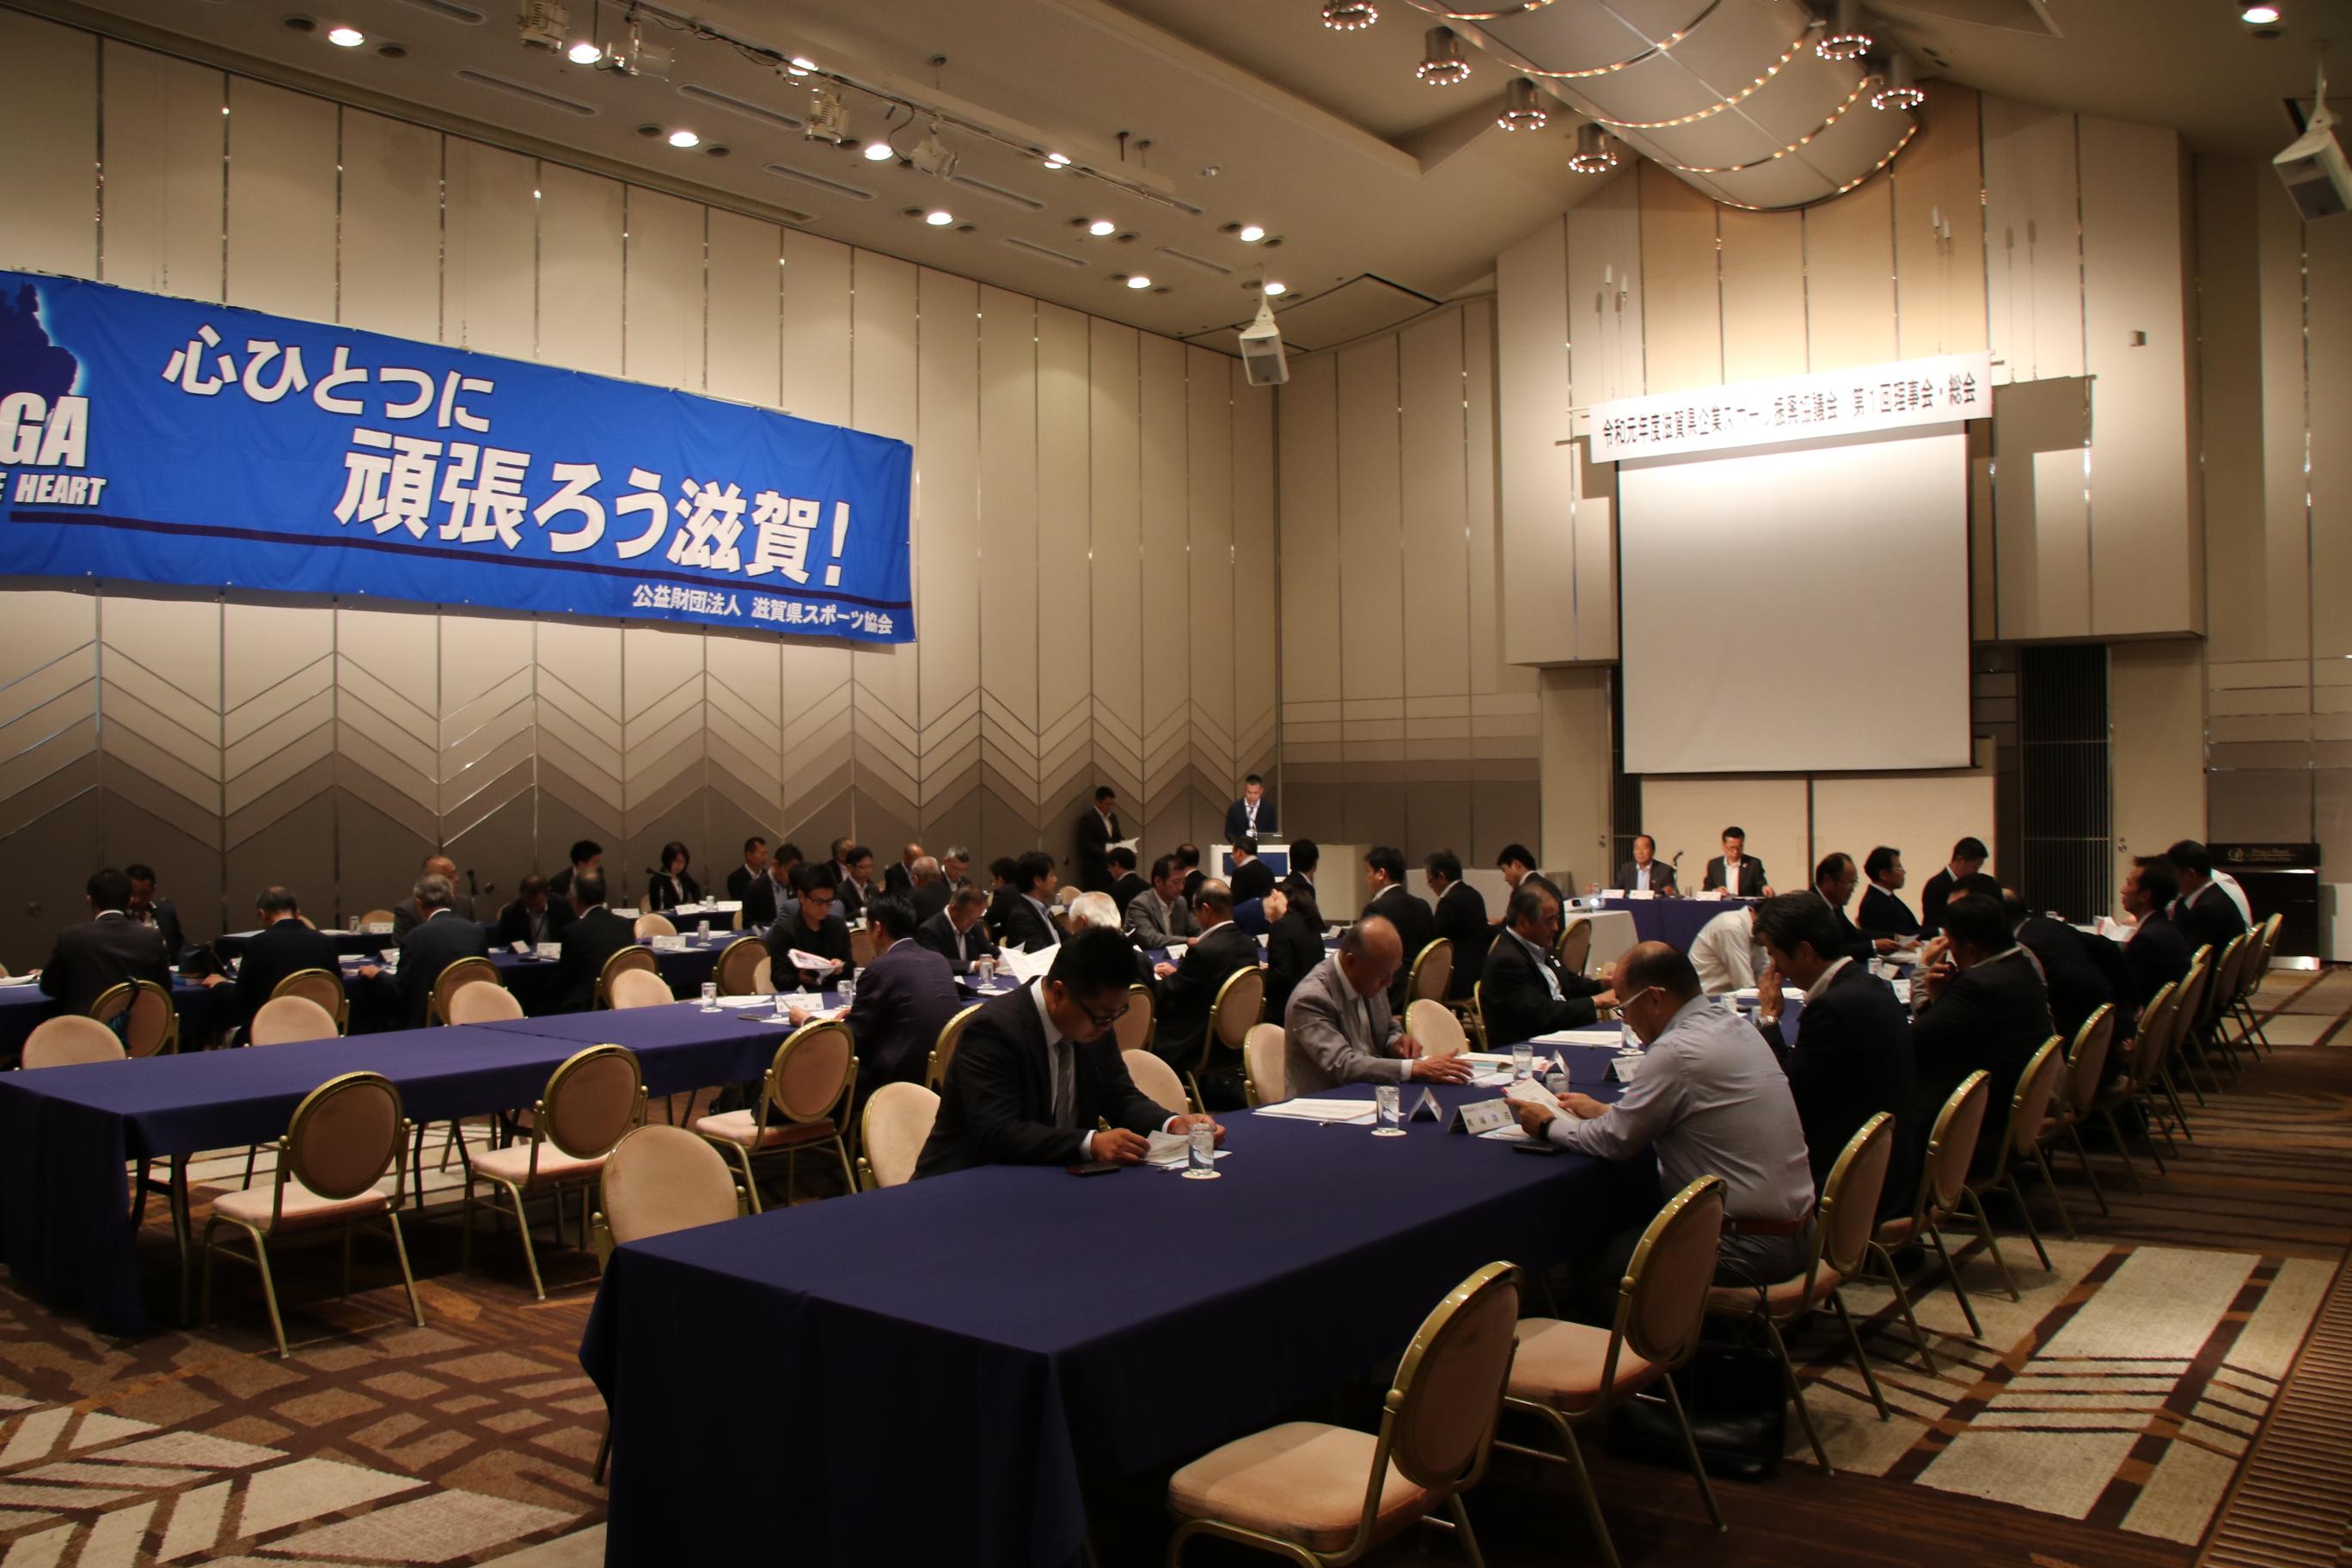 令和元年度 第1回理事会・総会を開催しました!